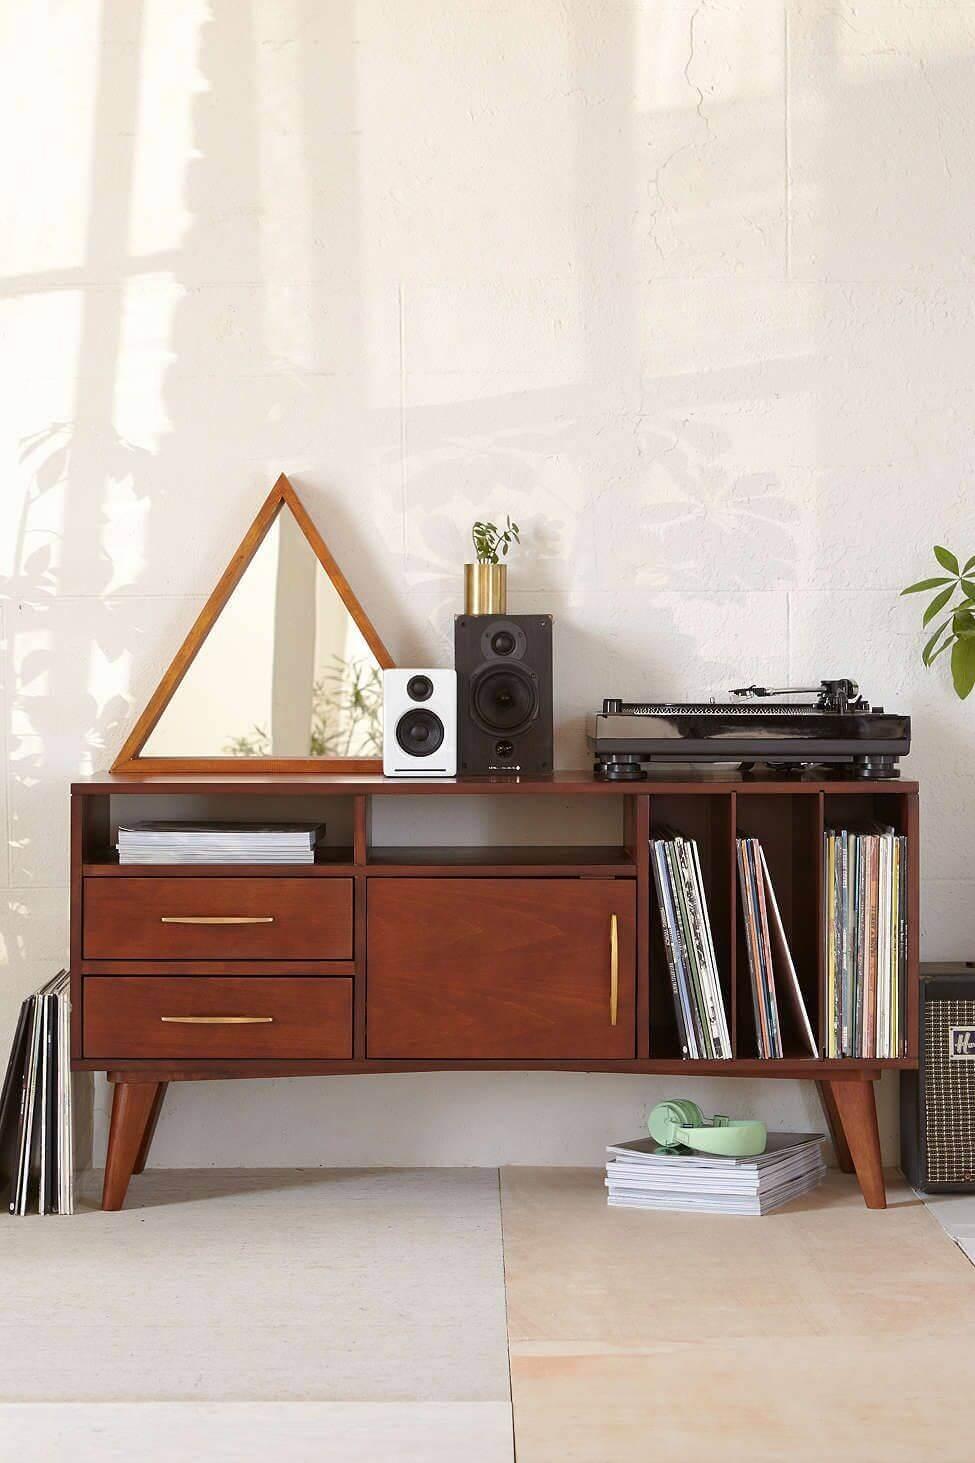 Rack rustica de madeira para decoração vintage